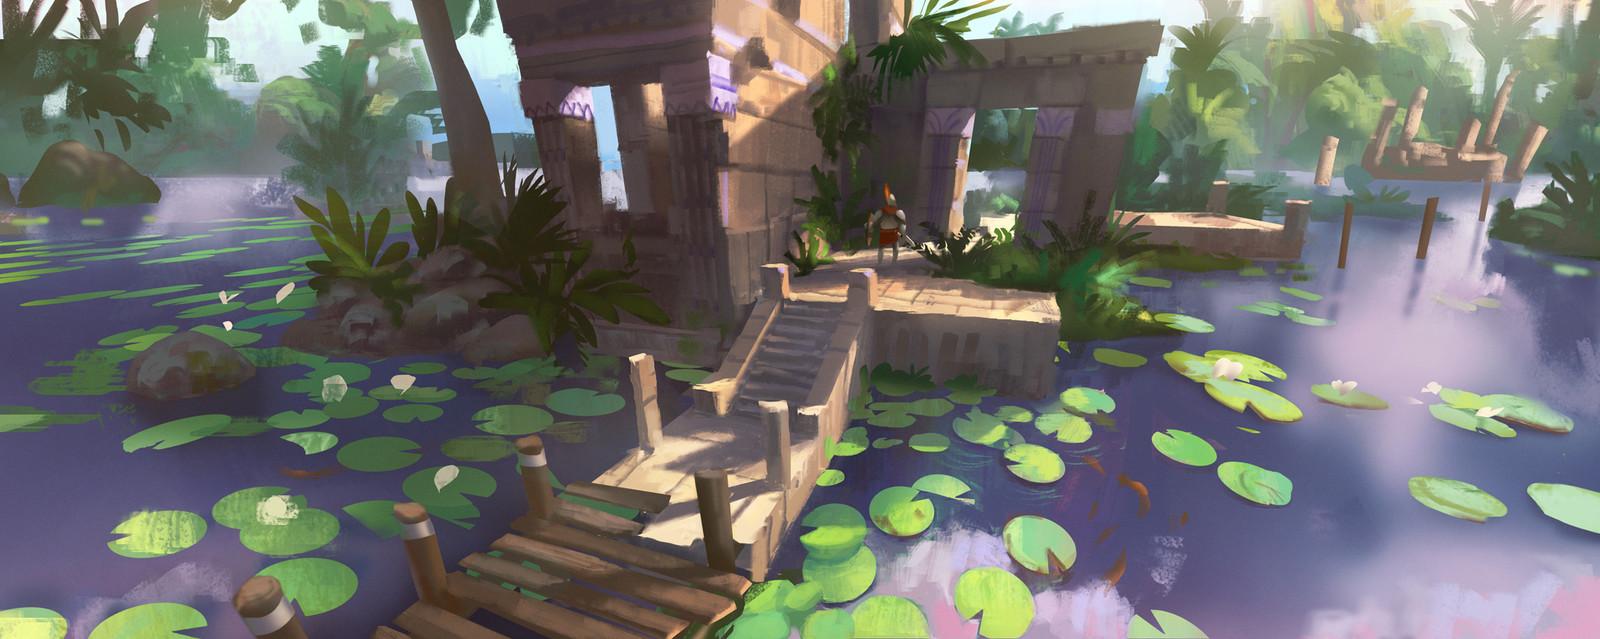 RPG - Water Temple